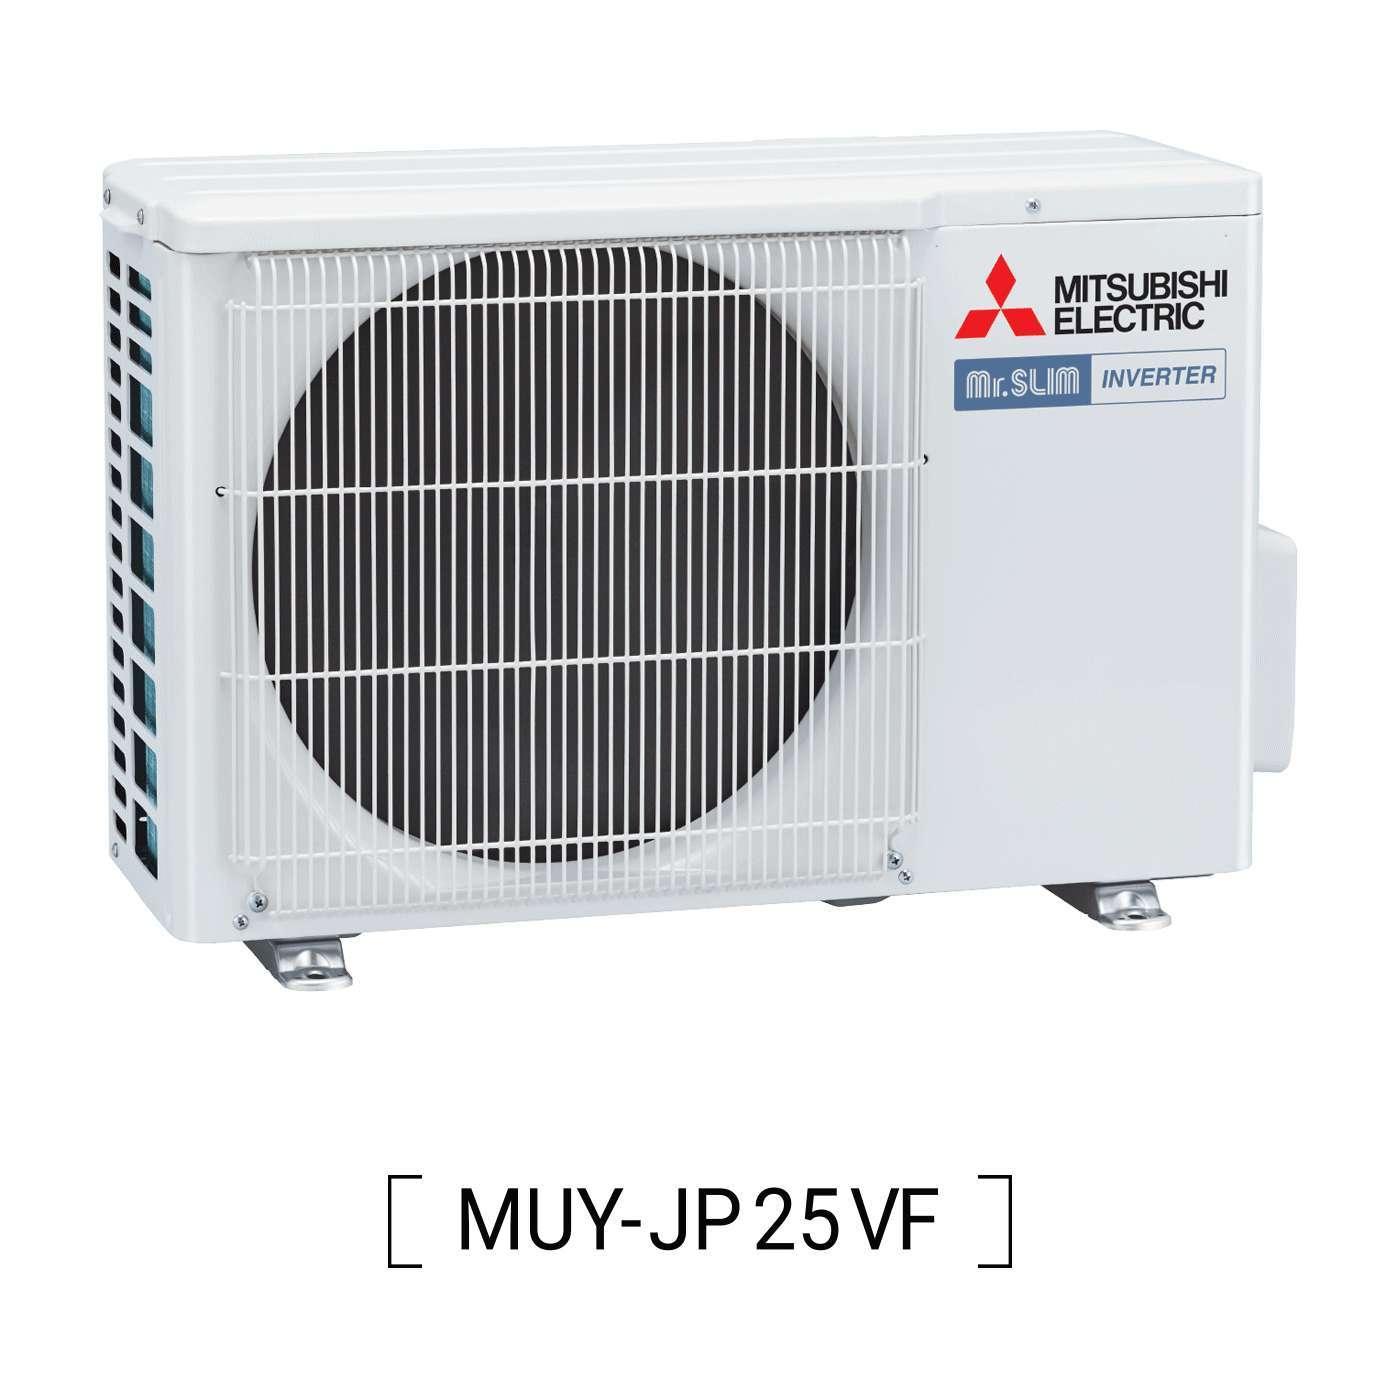 Muy Jp25vf 7f671fa9 8d7a 4a85 B40f F455aa9c1940